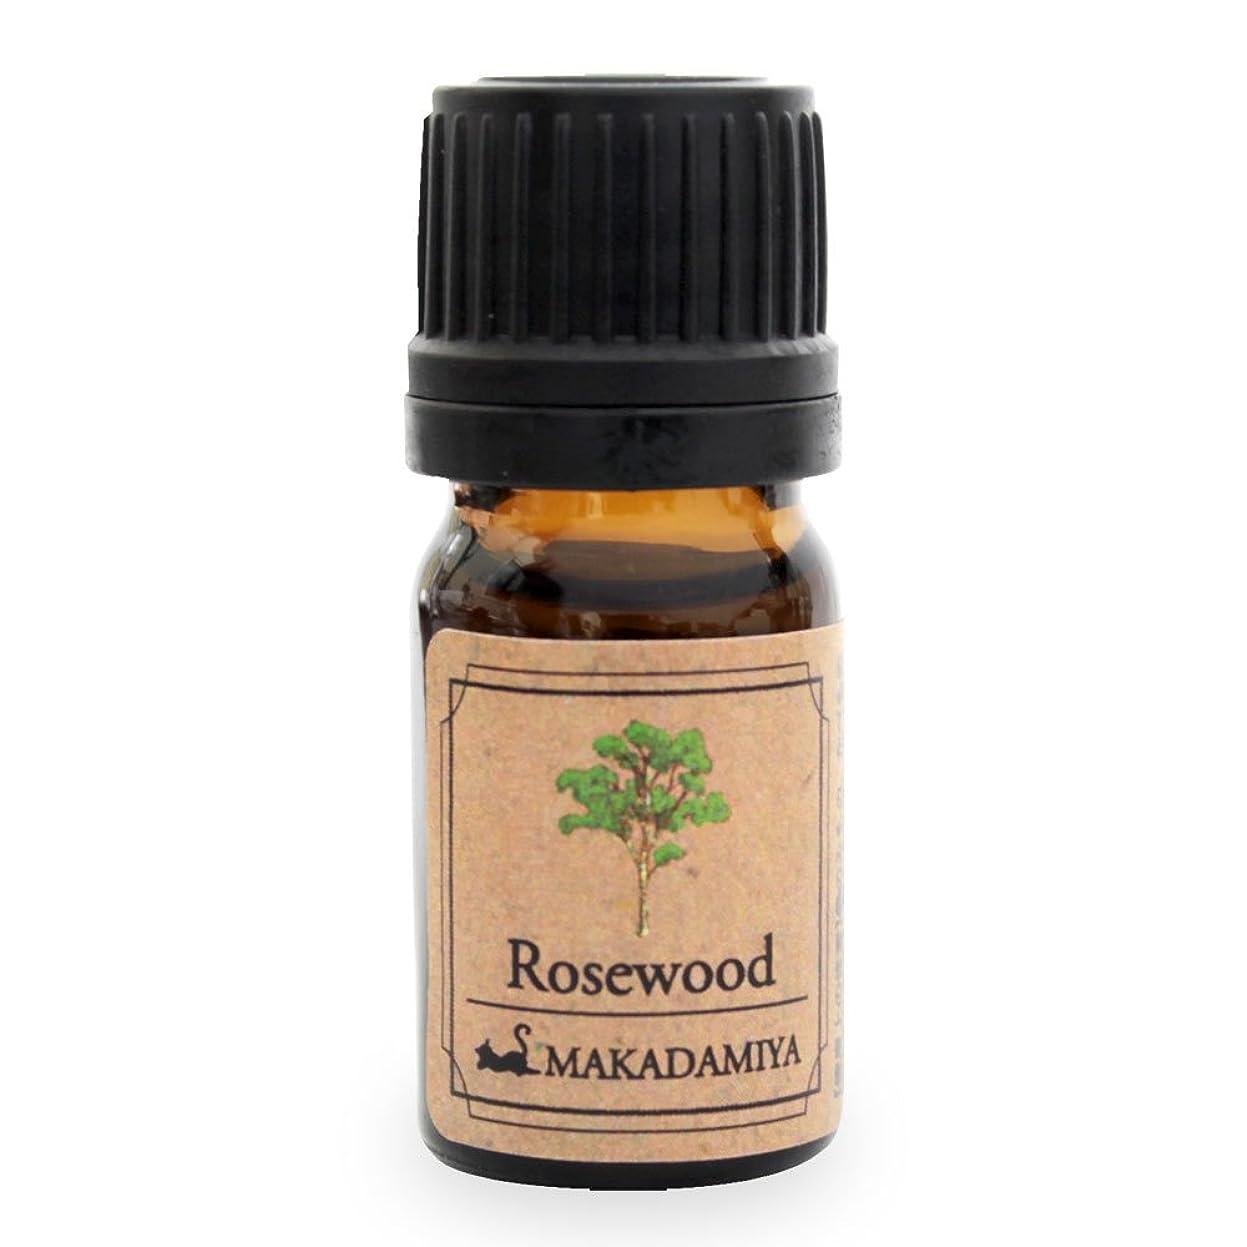 お茶思いやりノーブルローズウッド5ml 天然100%植物性 エッセンシャルオイル(精油) アロマオイル アロママッサージ aroma Rosewood